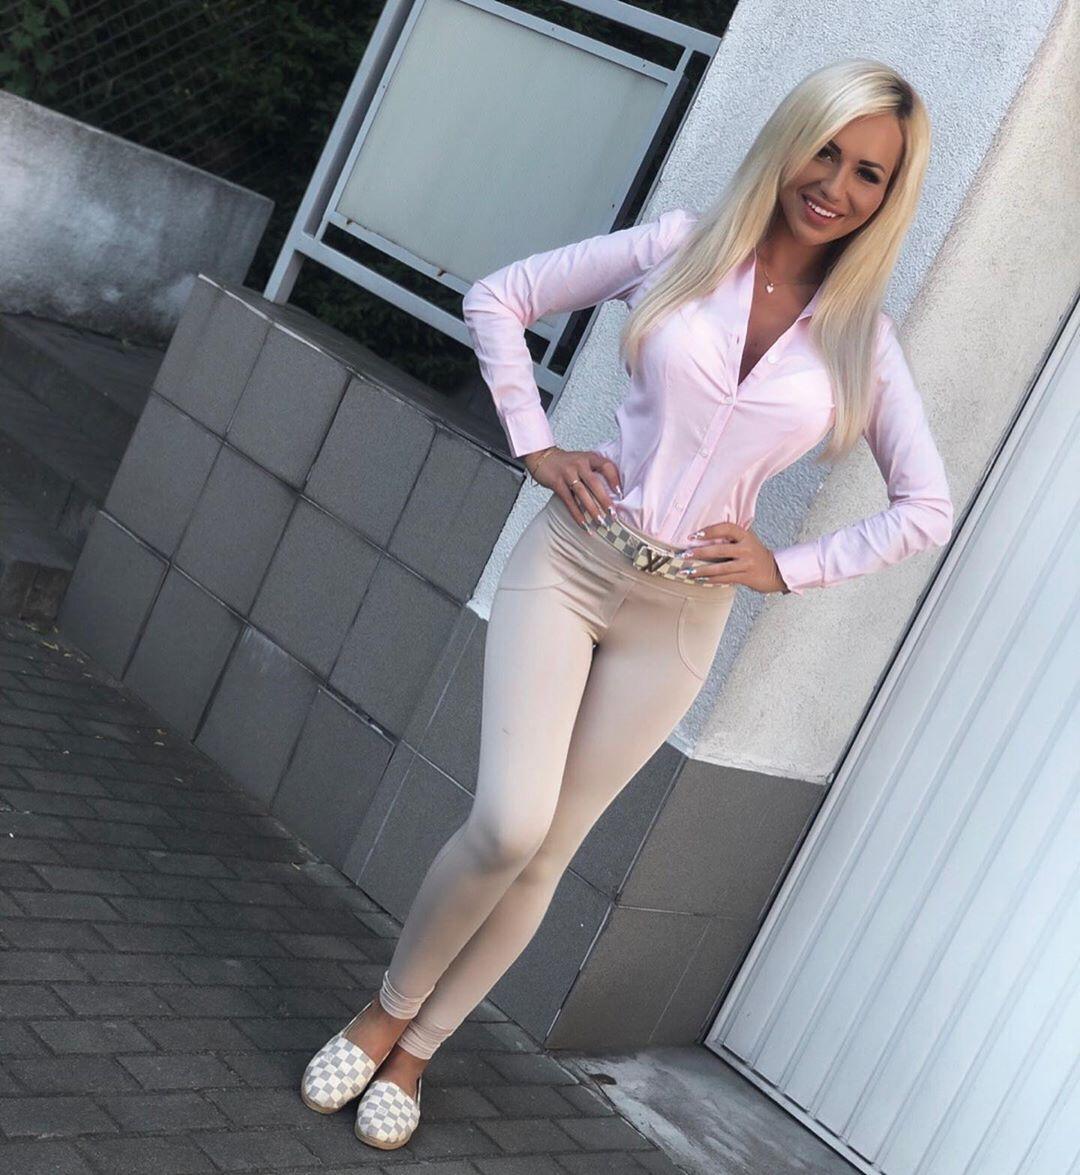 Katarzyna-Czulek-Wallpapers-Insta-Fit-Bio-2